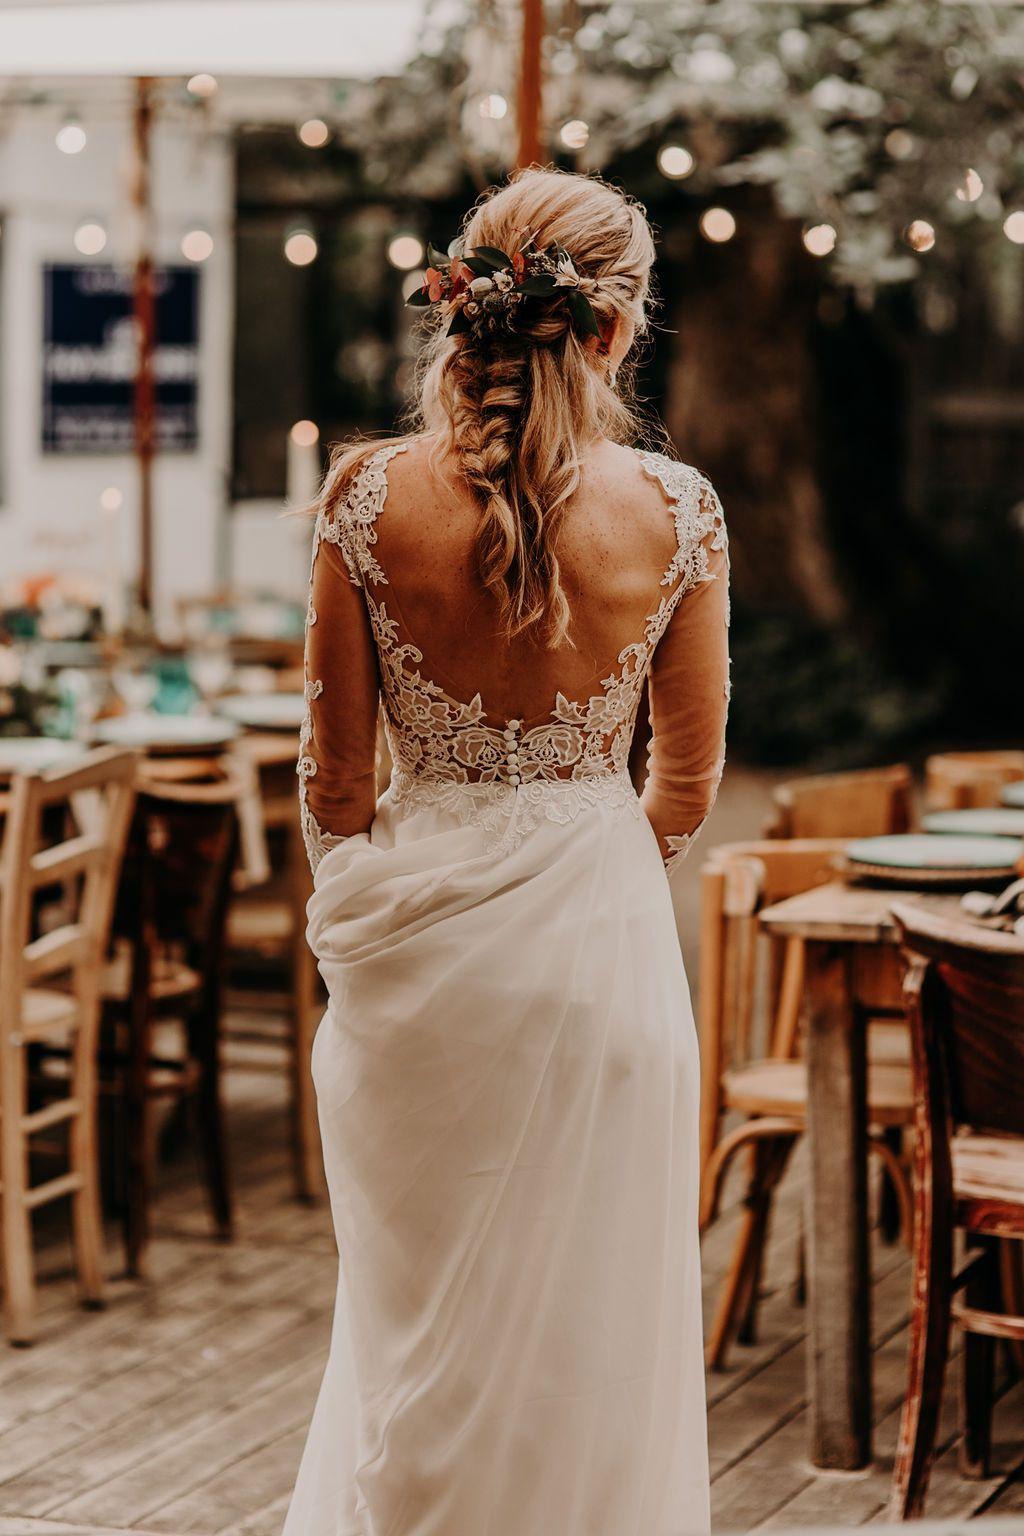 19++ Robe mariage coiffure idees en 2021